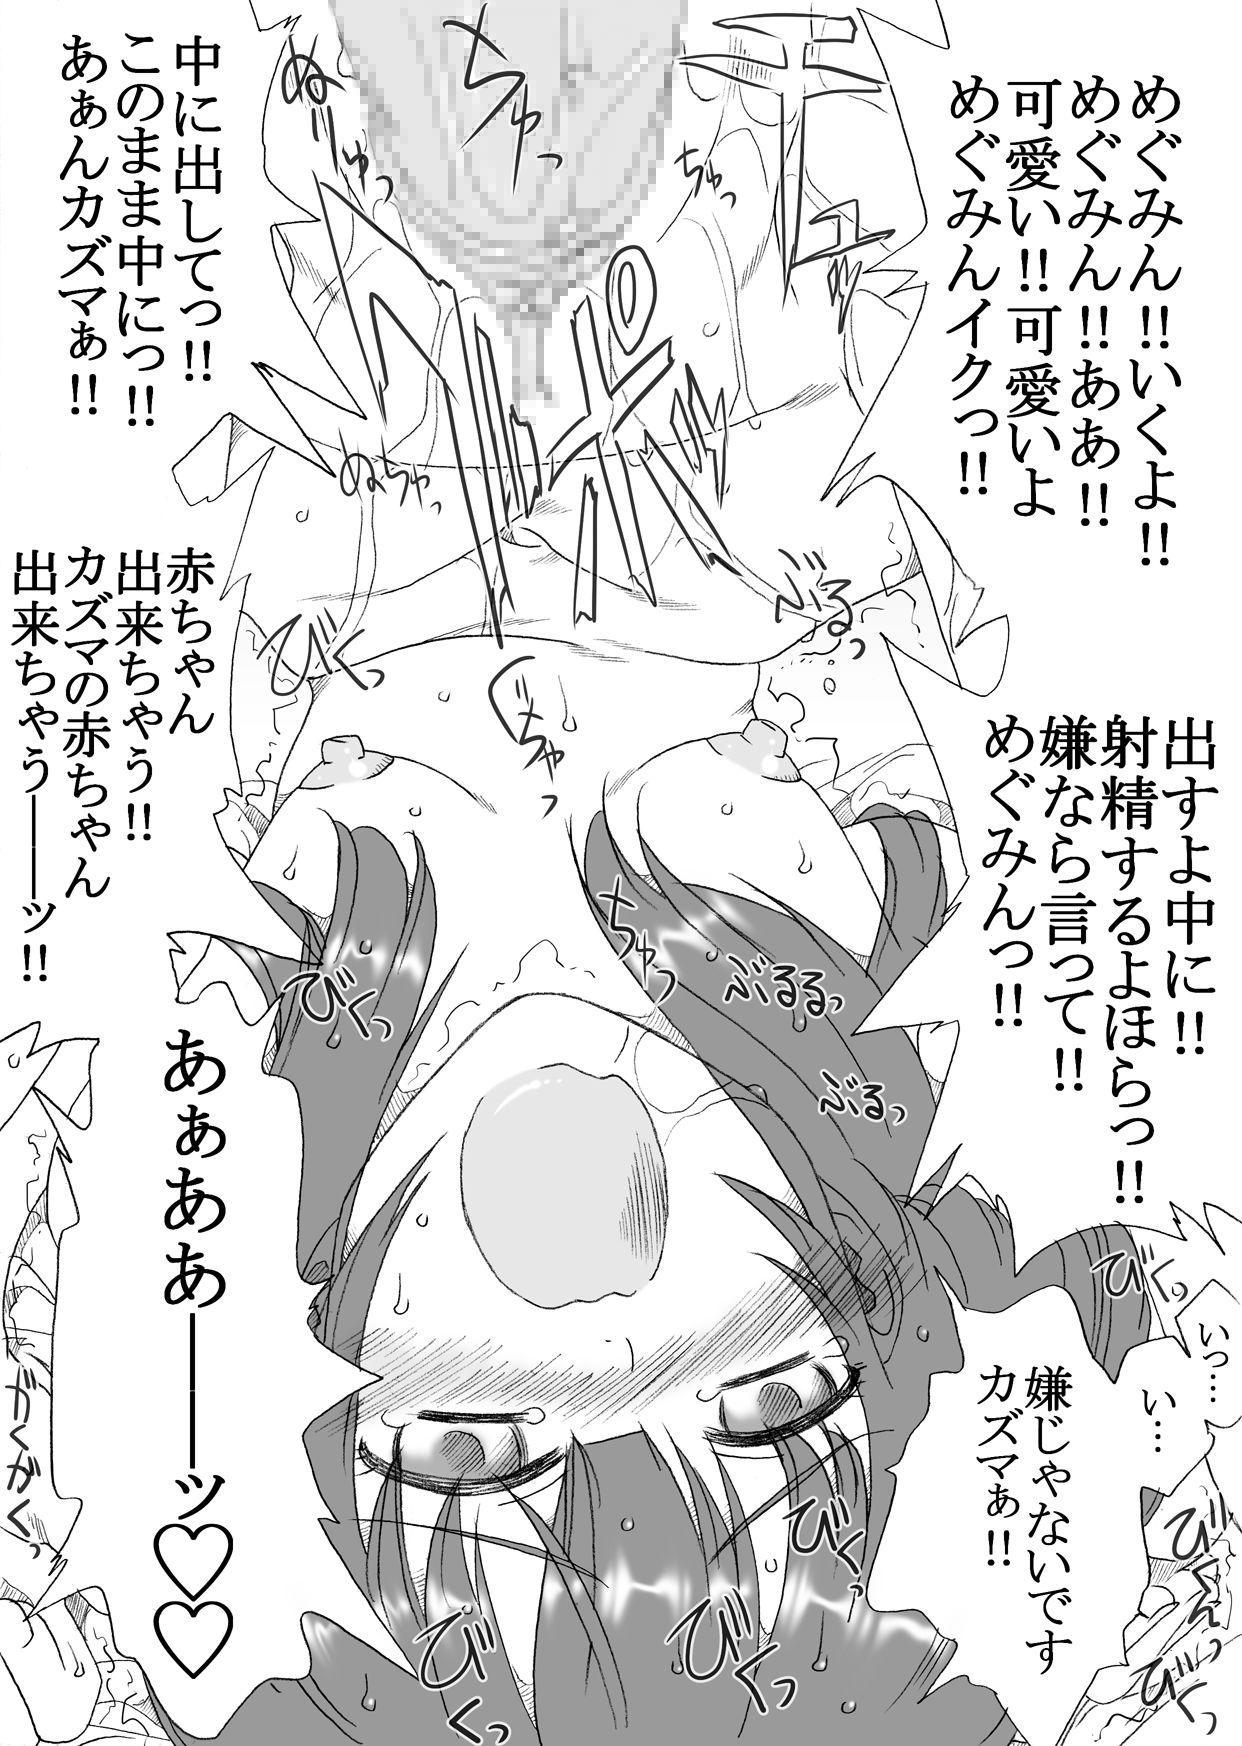 Kawaii bakuretsu musume o futari tomo! 13